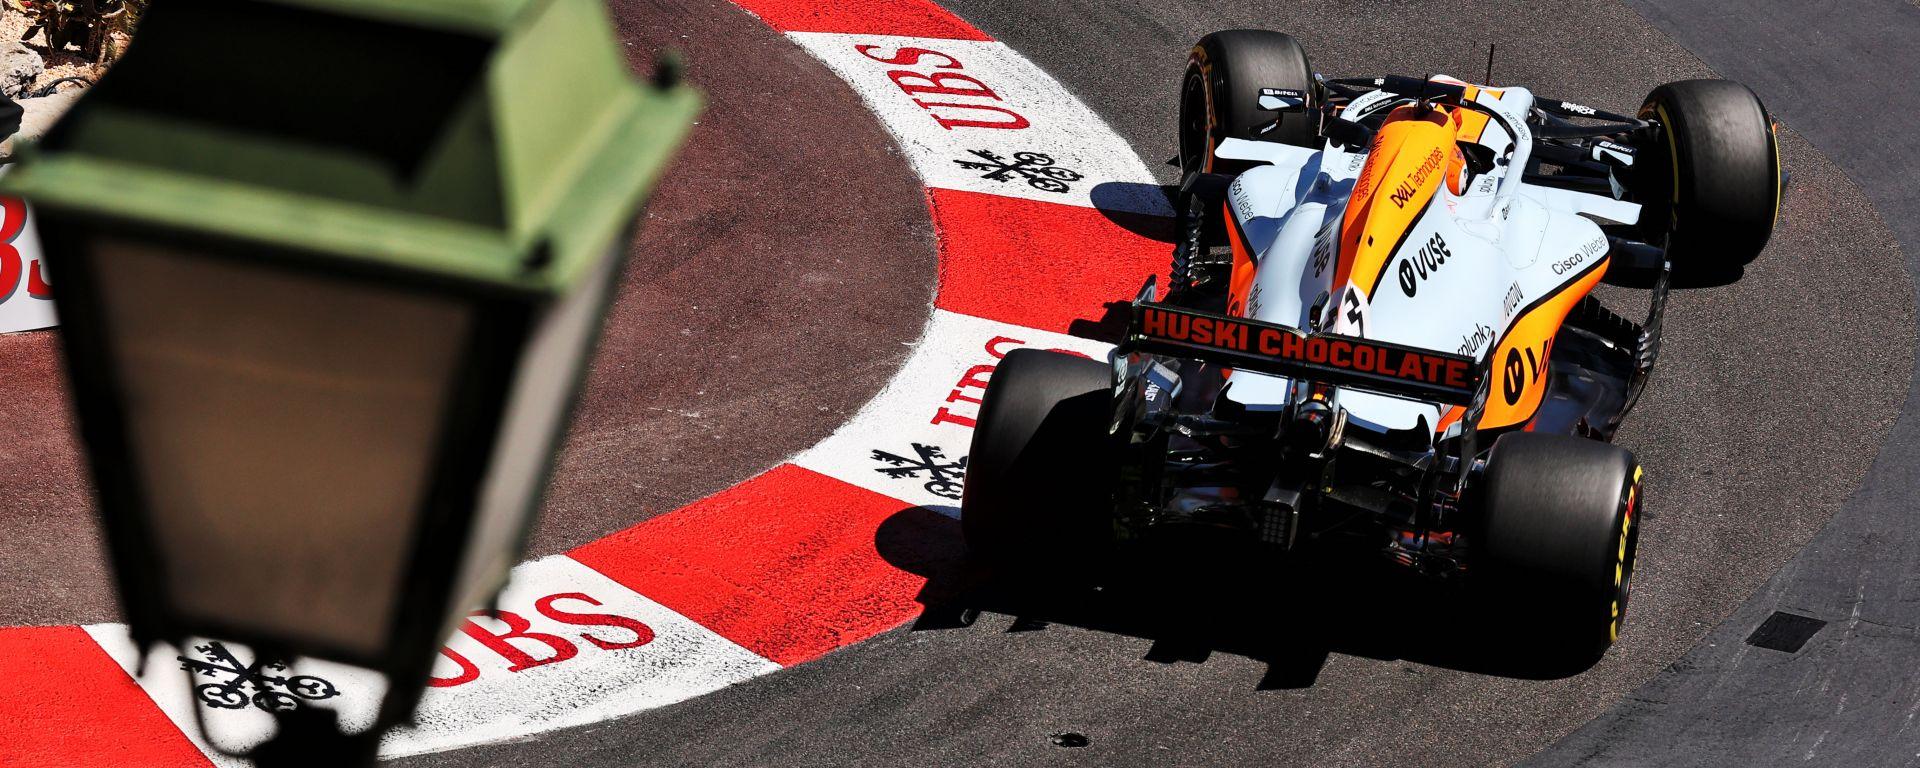 F1 GP Monaco 2021, Monte Carlo: Daniel Ricciardo (McLaren F1 Team)